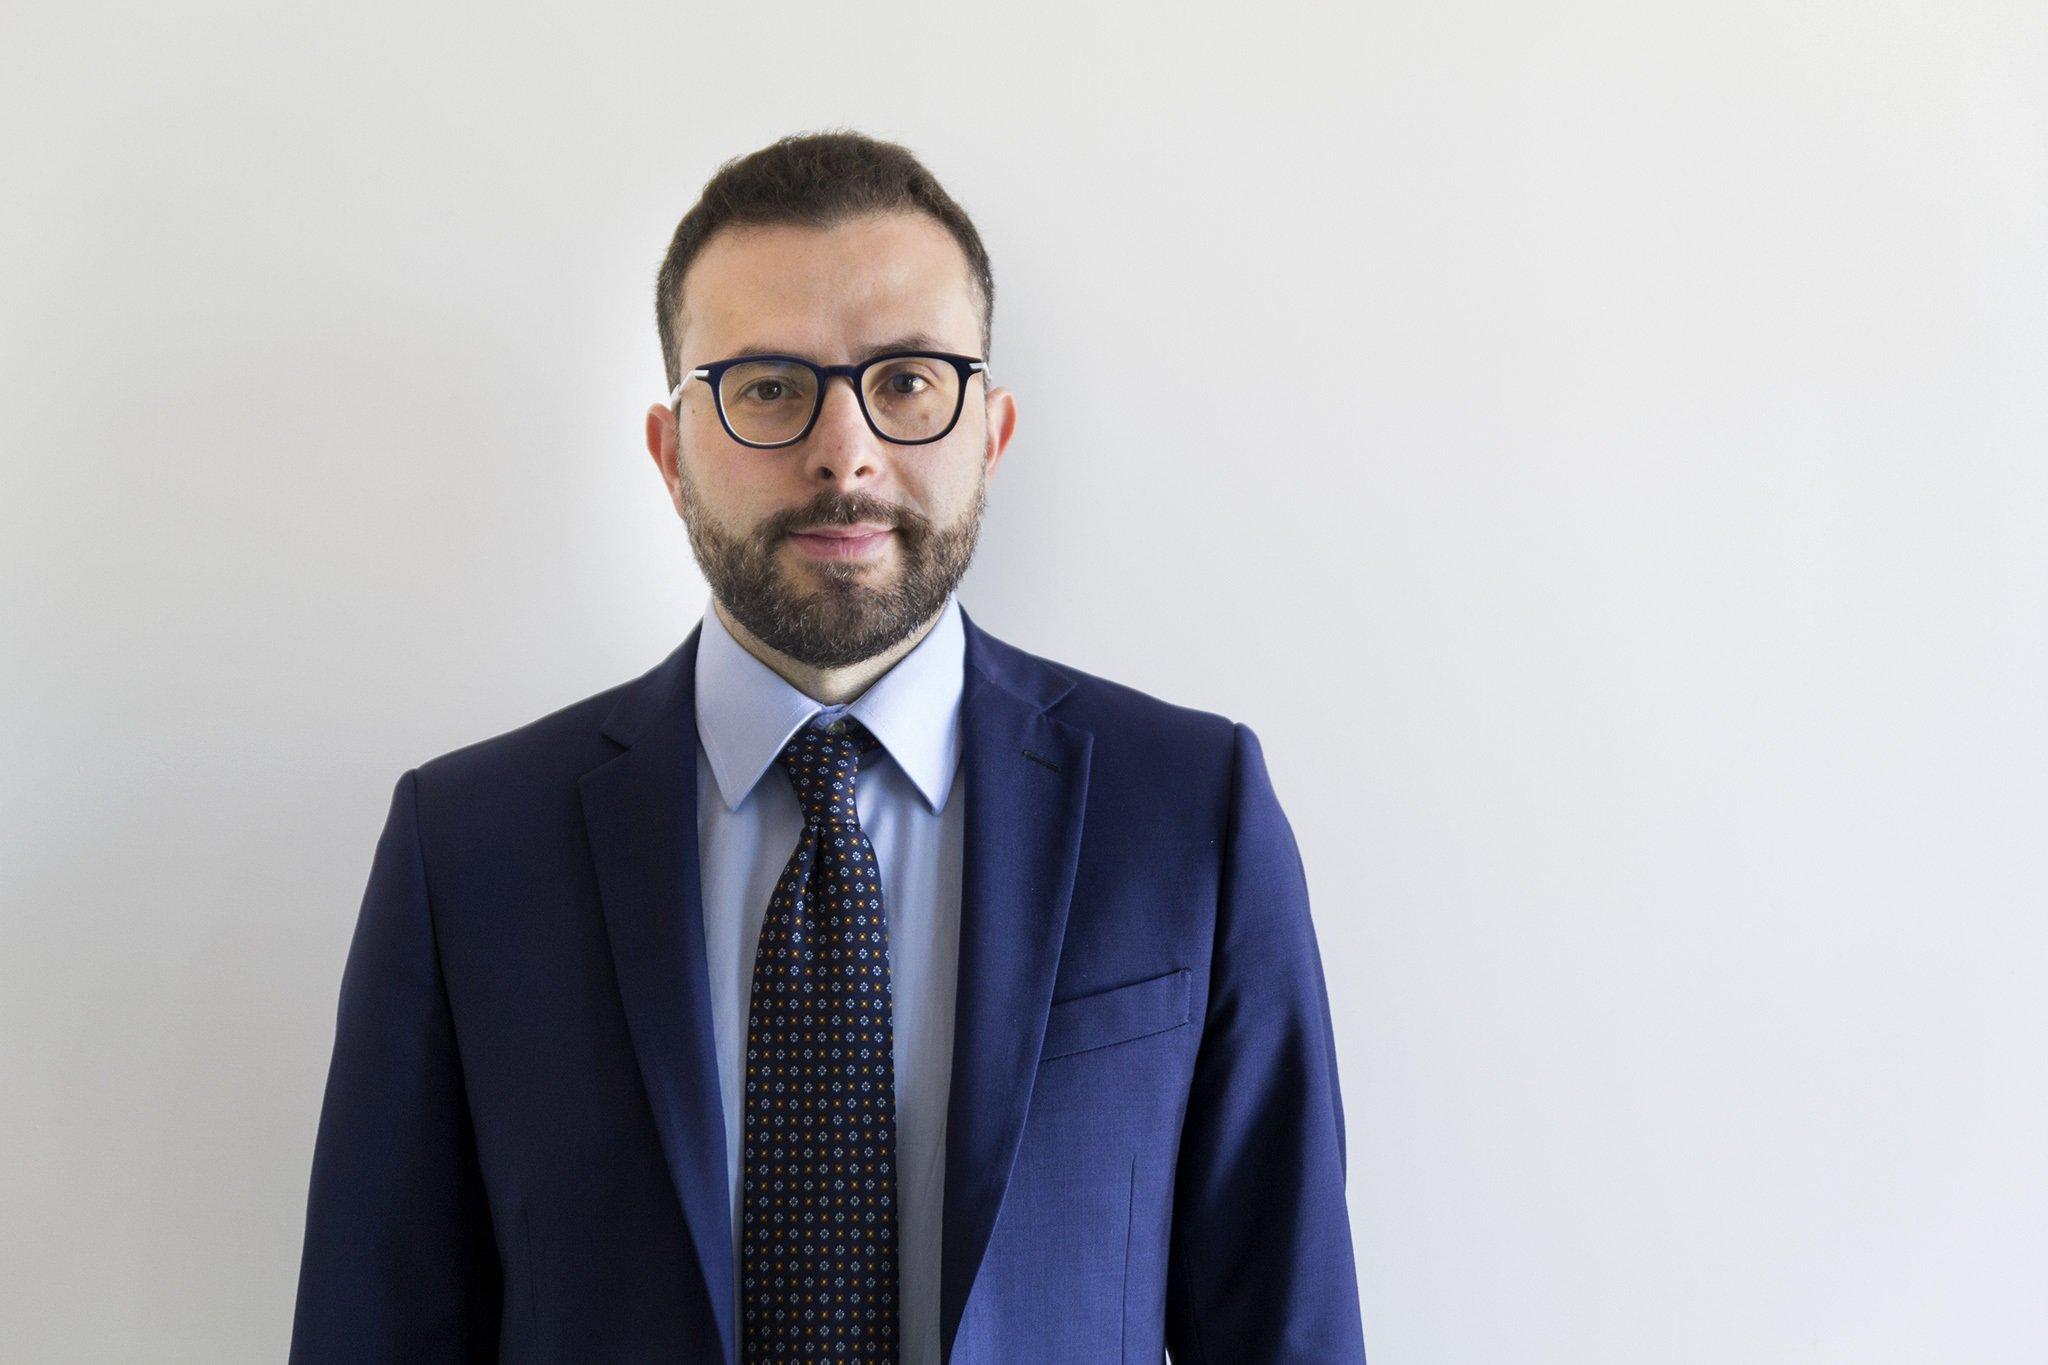 Come avviare un processo di digitalizzazione secondo Nicola Savino, esperto nella conservazione e nella digitalizzazione a norma.